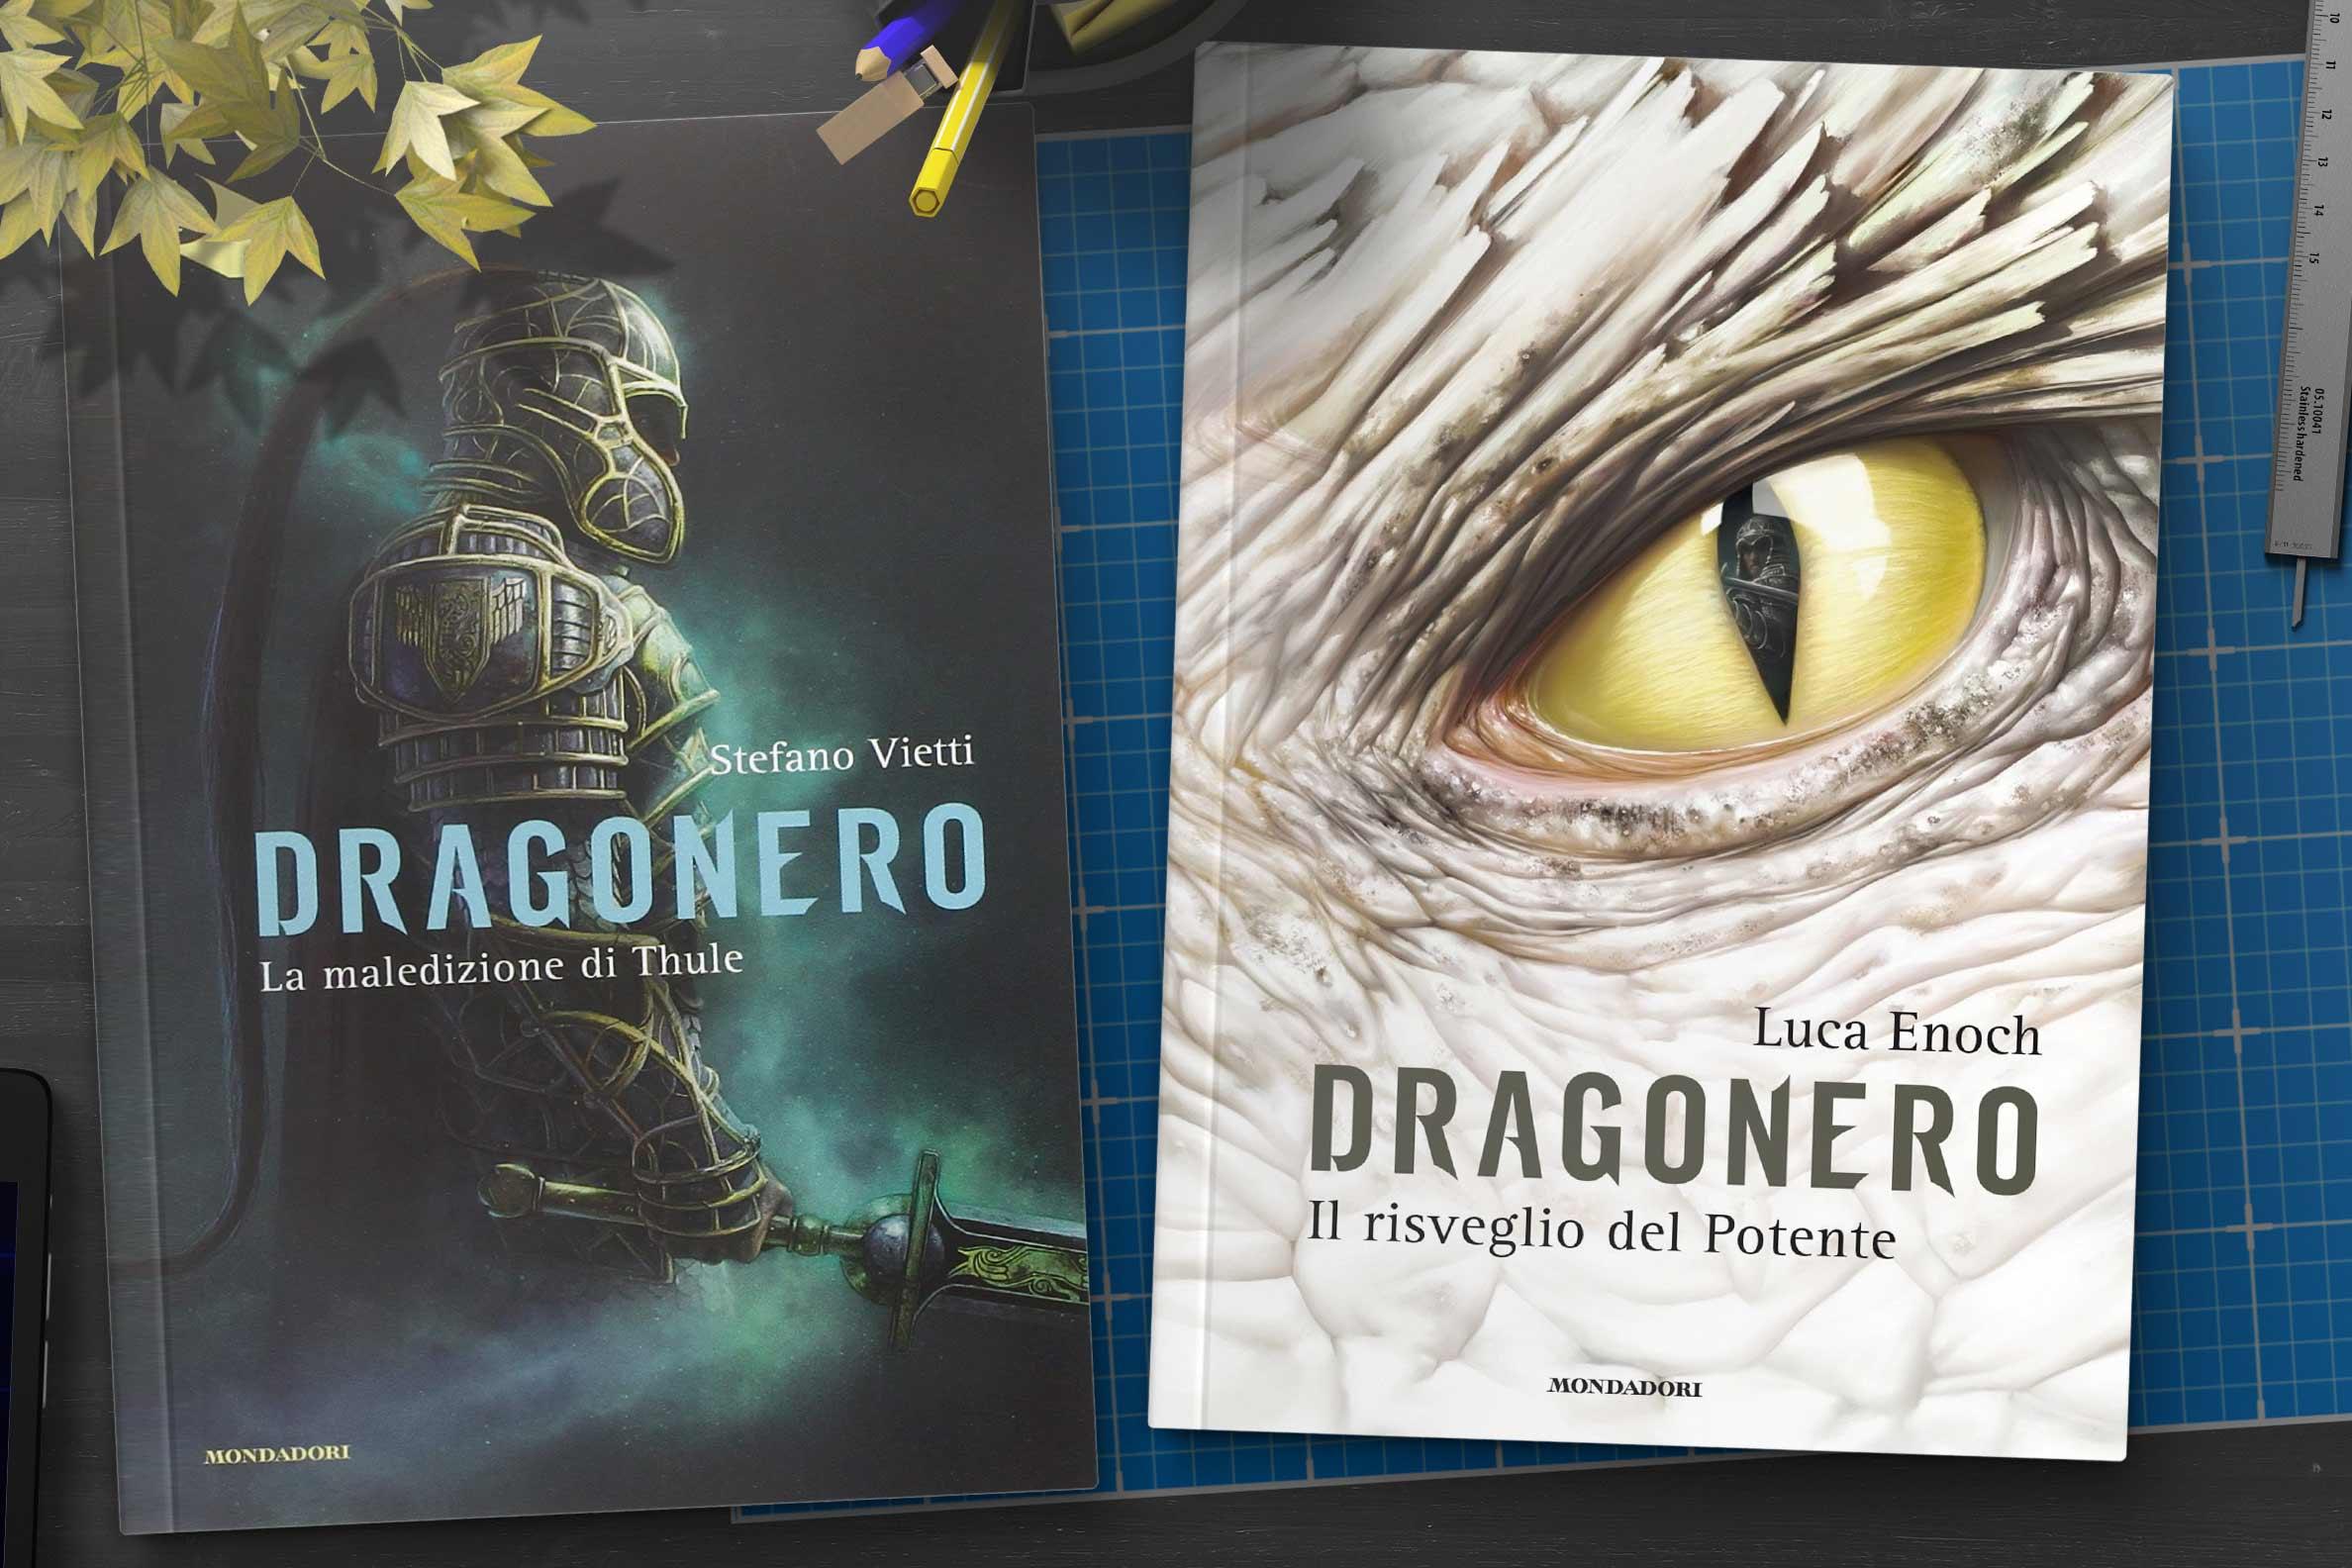 dragonero-libro-fantasy-migliore